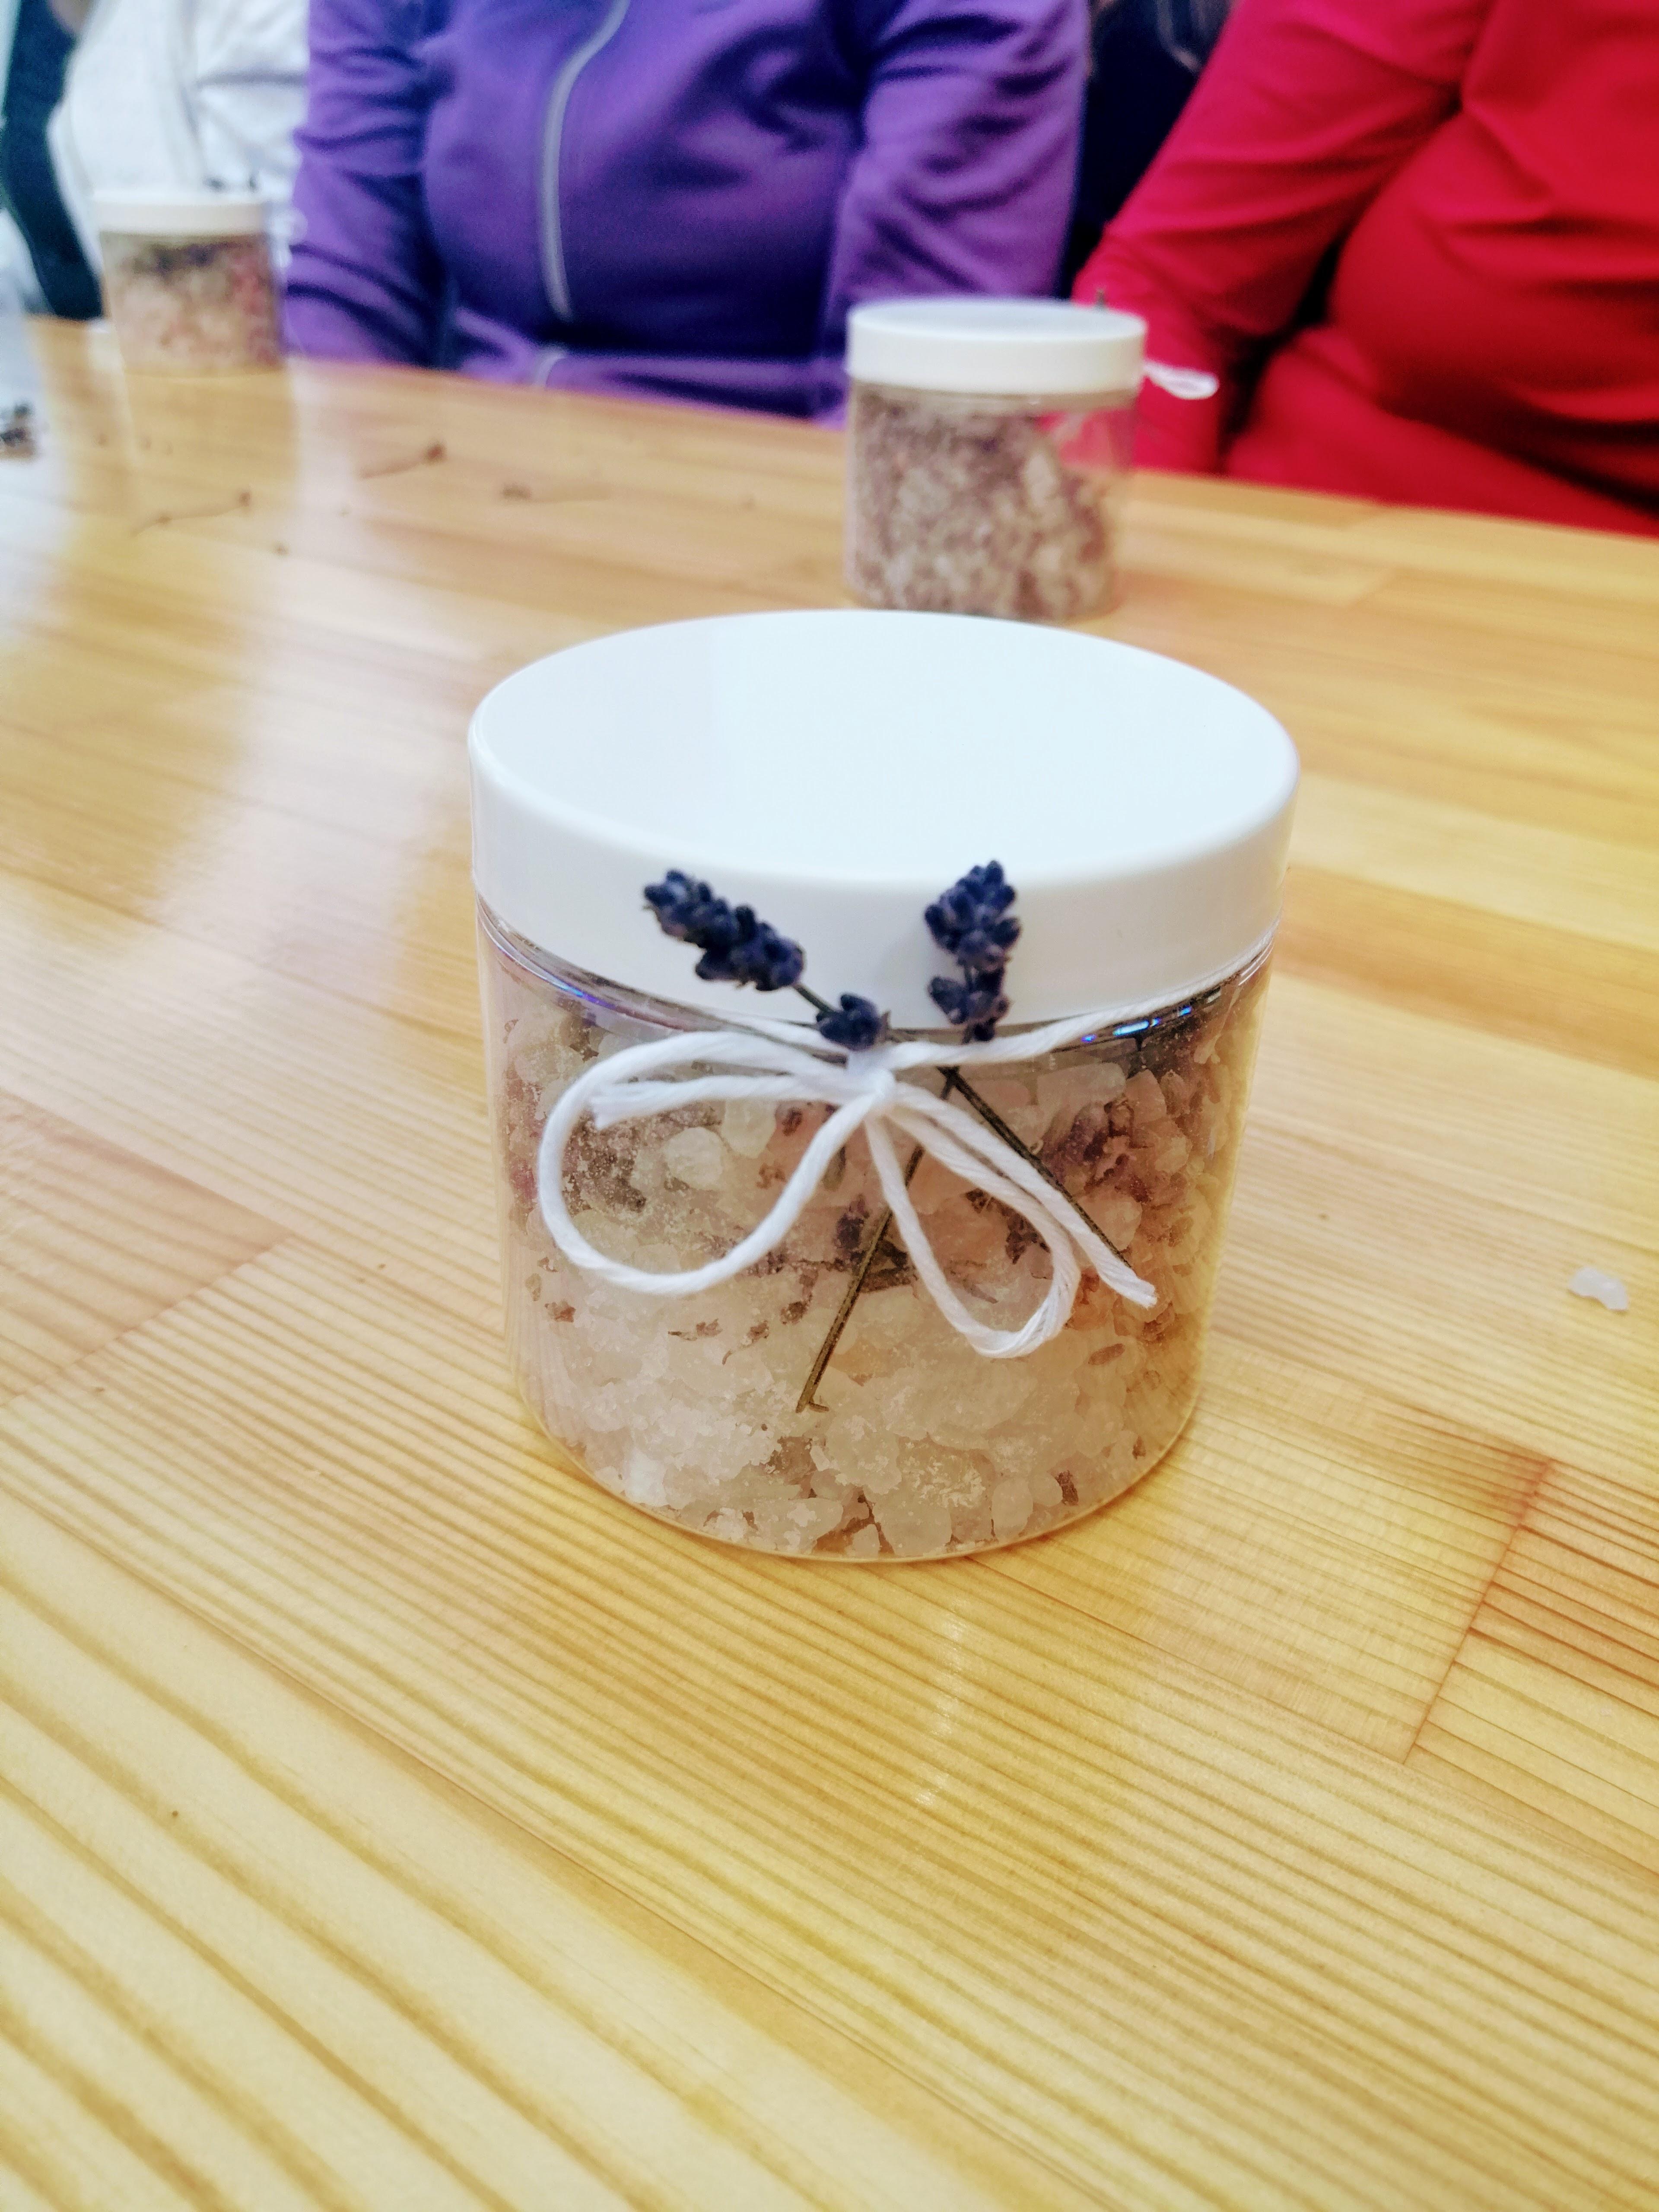 własnoręcznie robiona sól lawendowa